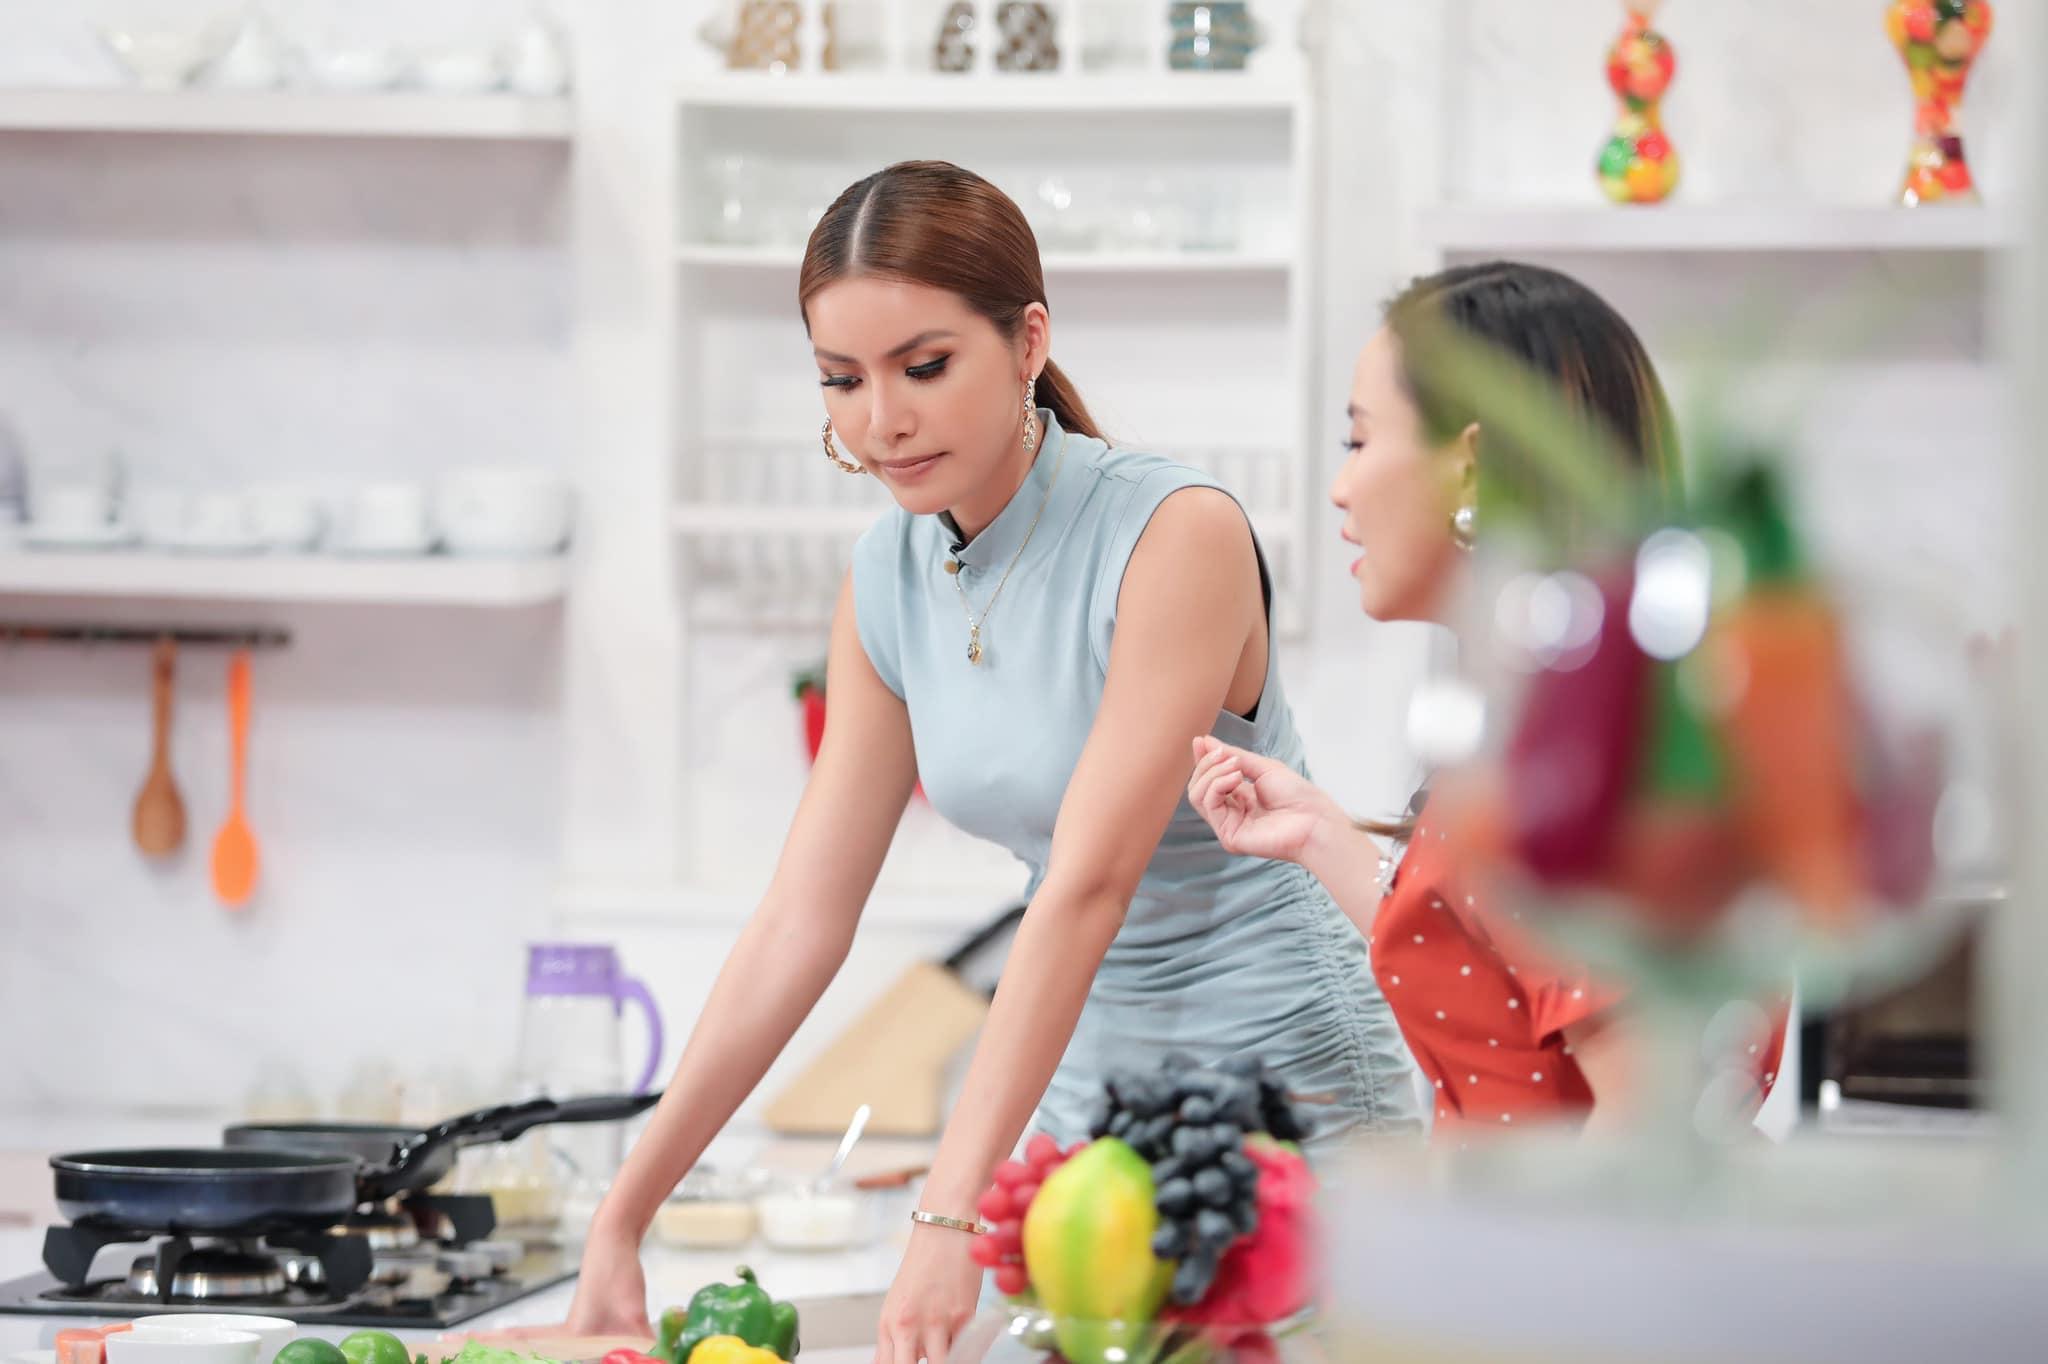 'Nữ hoàng gợi cảm' Minh Tú: Làm đầu bếp cũng phải nóng bỏng như thế này mới chịu! Ảnh 4